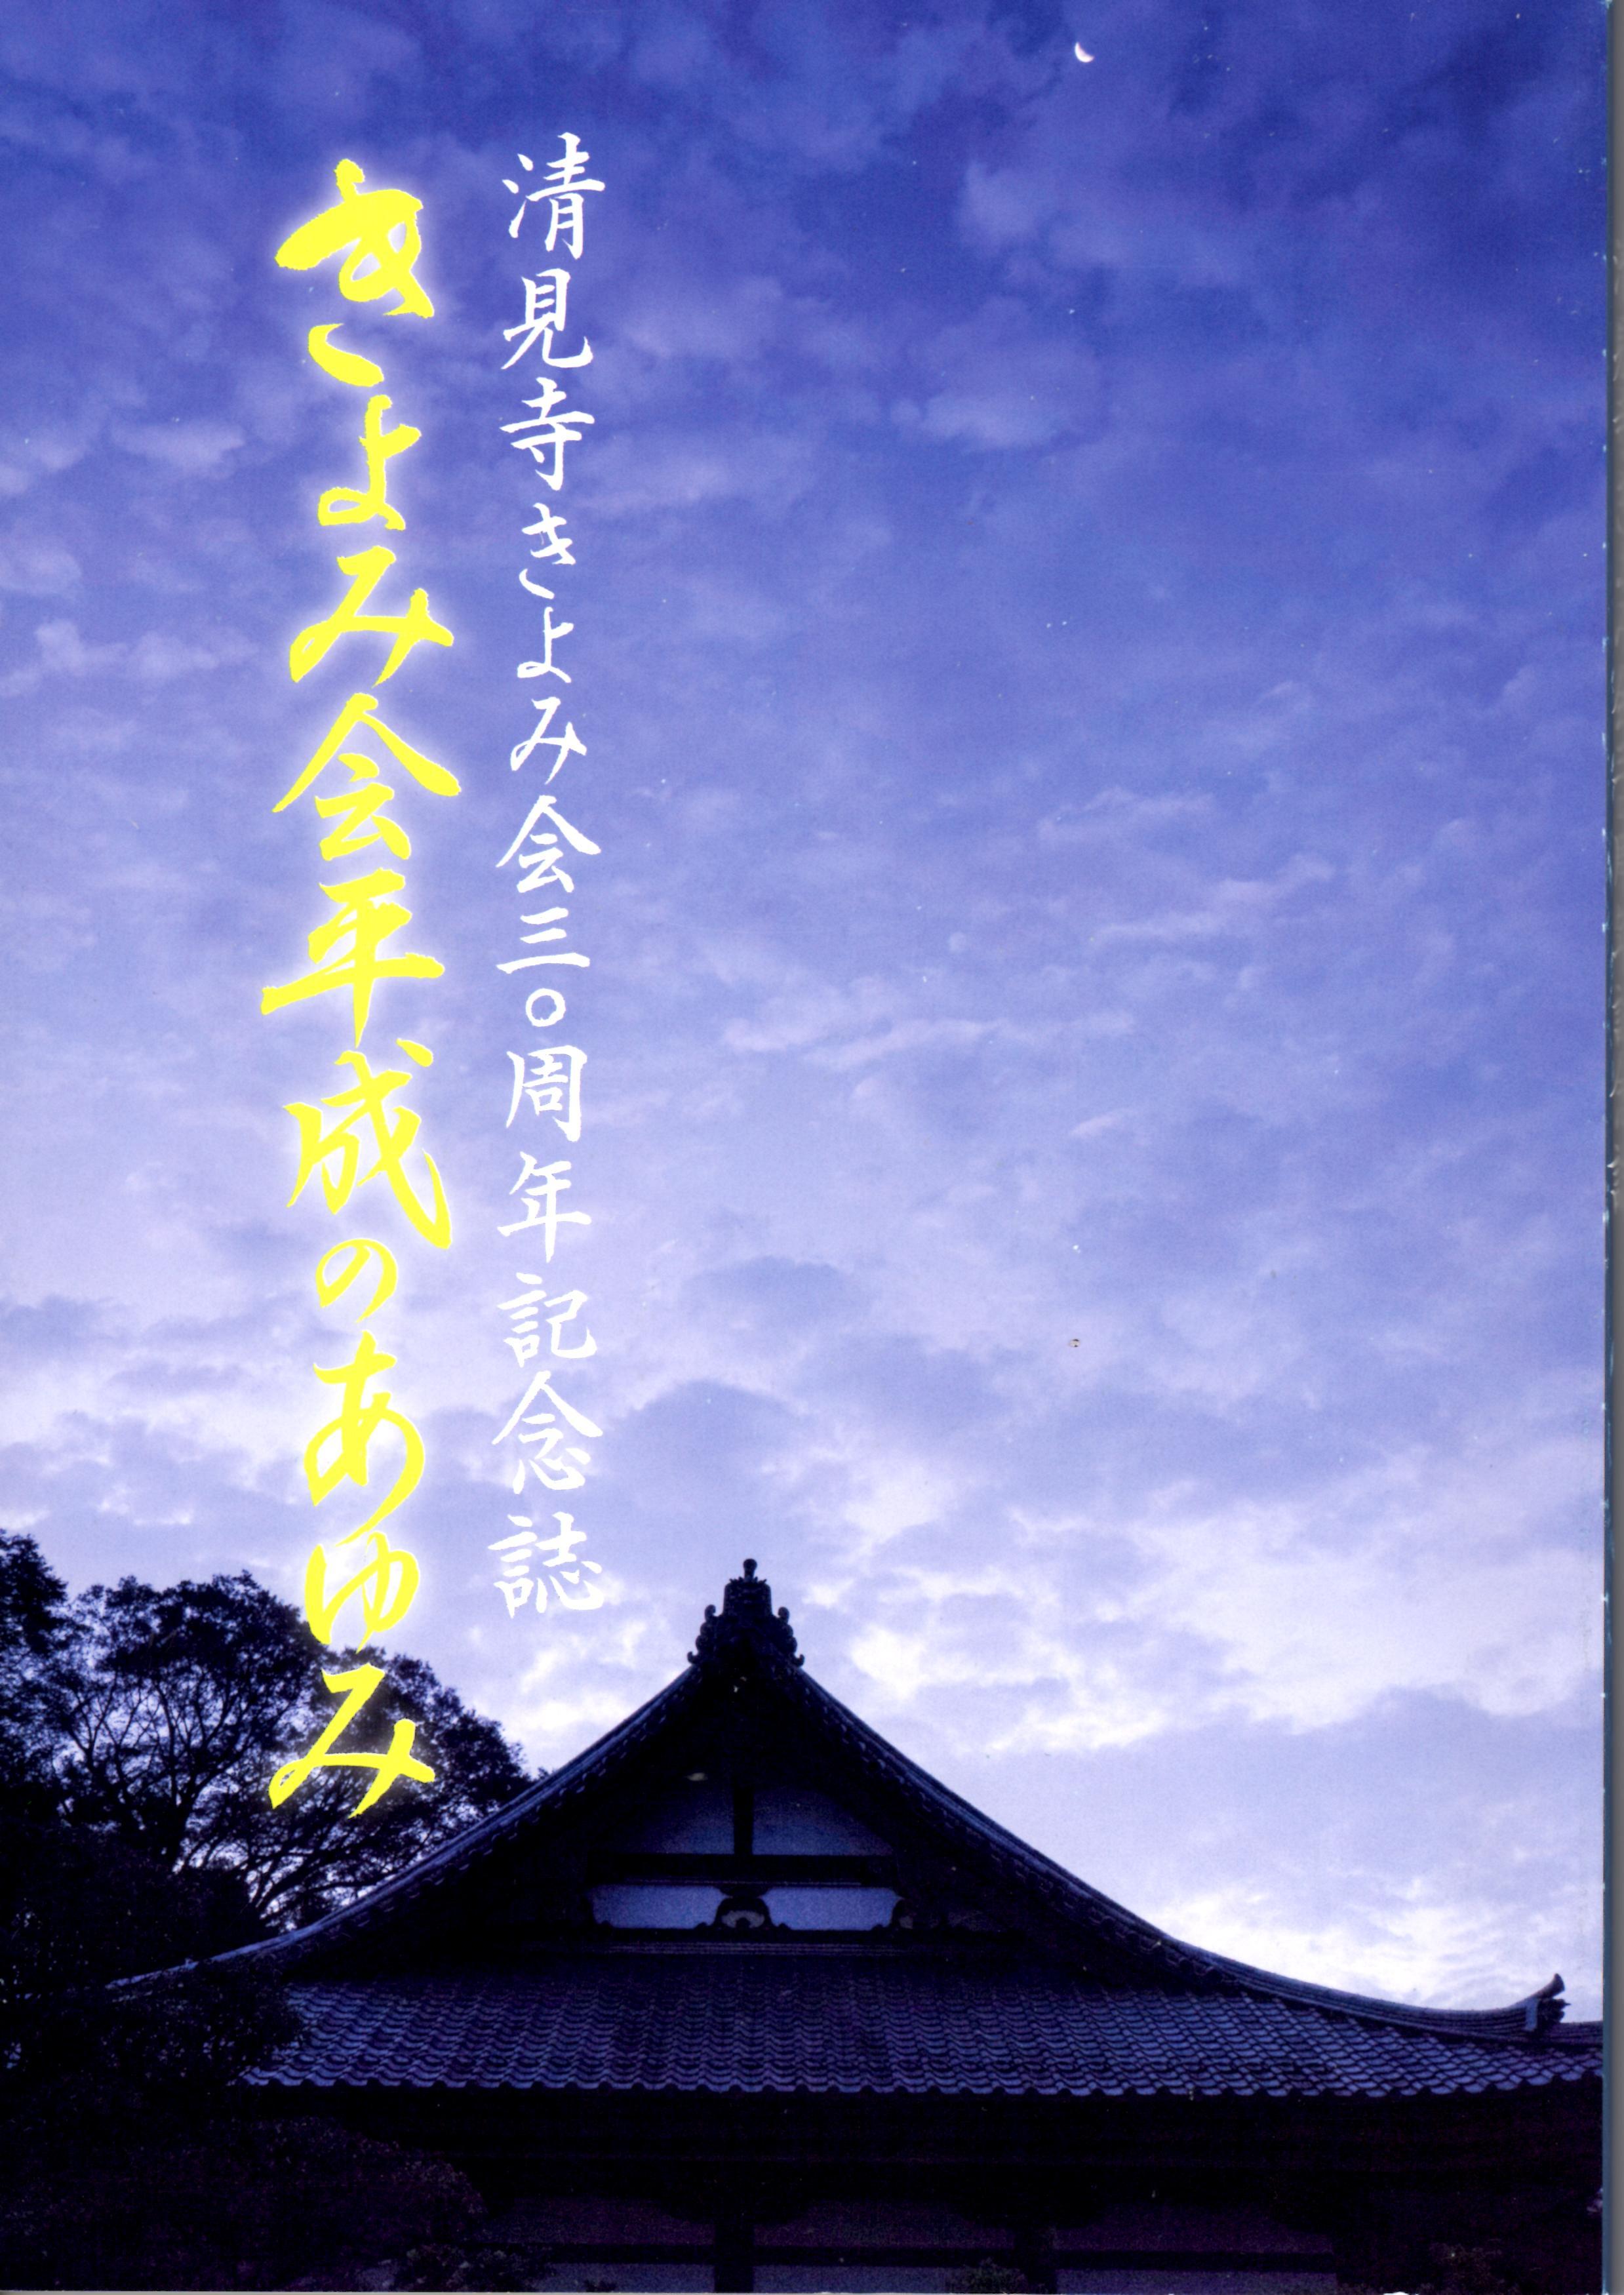 きよみ会30周年記念誌です。表紙の写真は二科会会員の森田裕夫氏、題字は書家の大滝紅美(清華)氏。